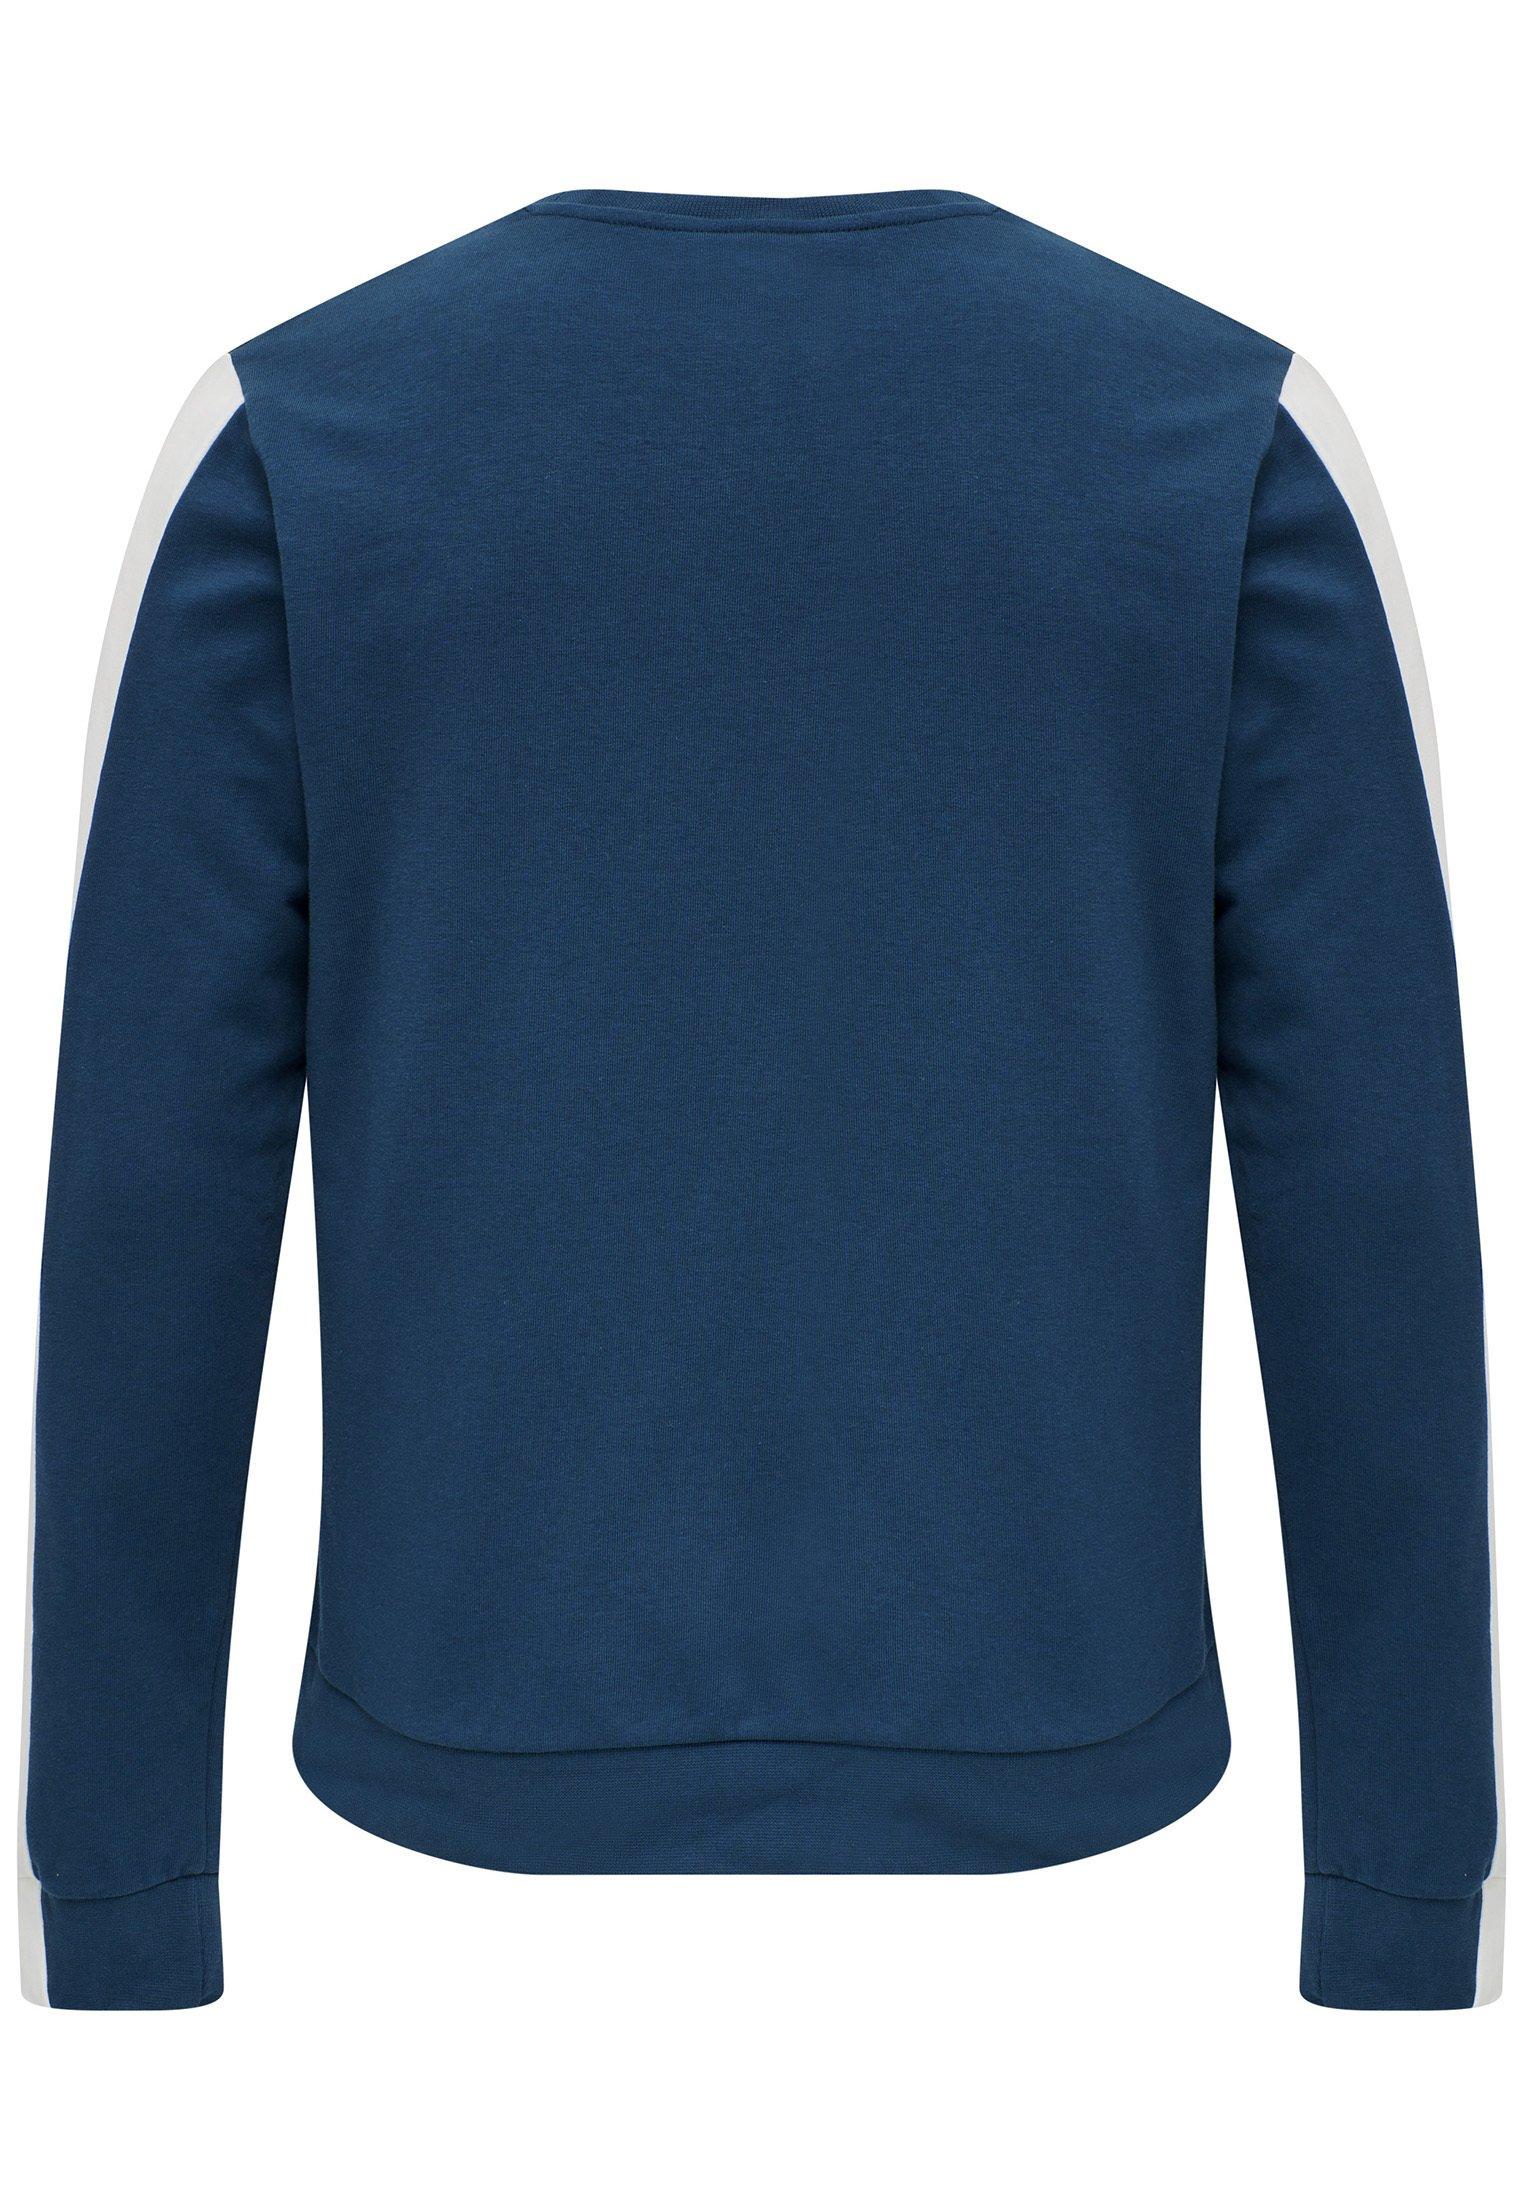 Blauwe Hummel Dames truien & vesten online | ZALANDO